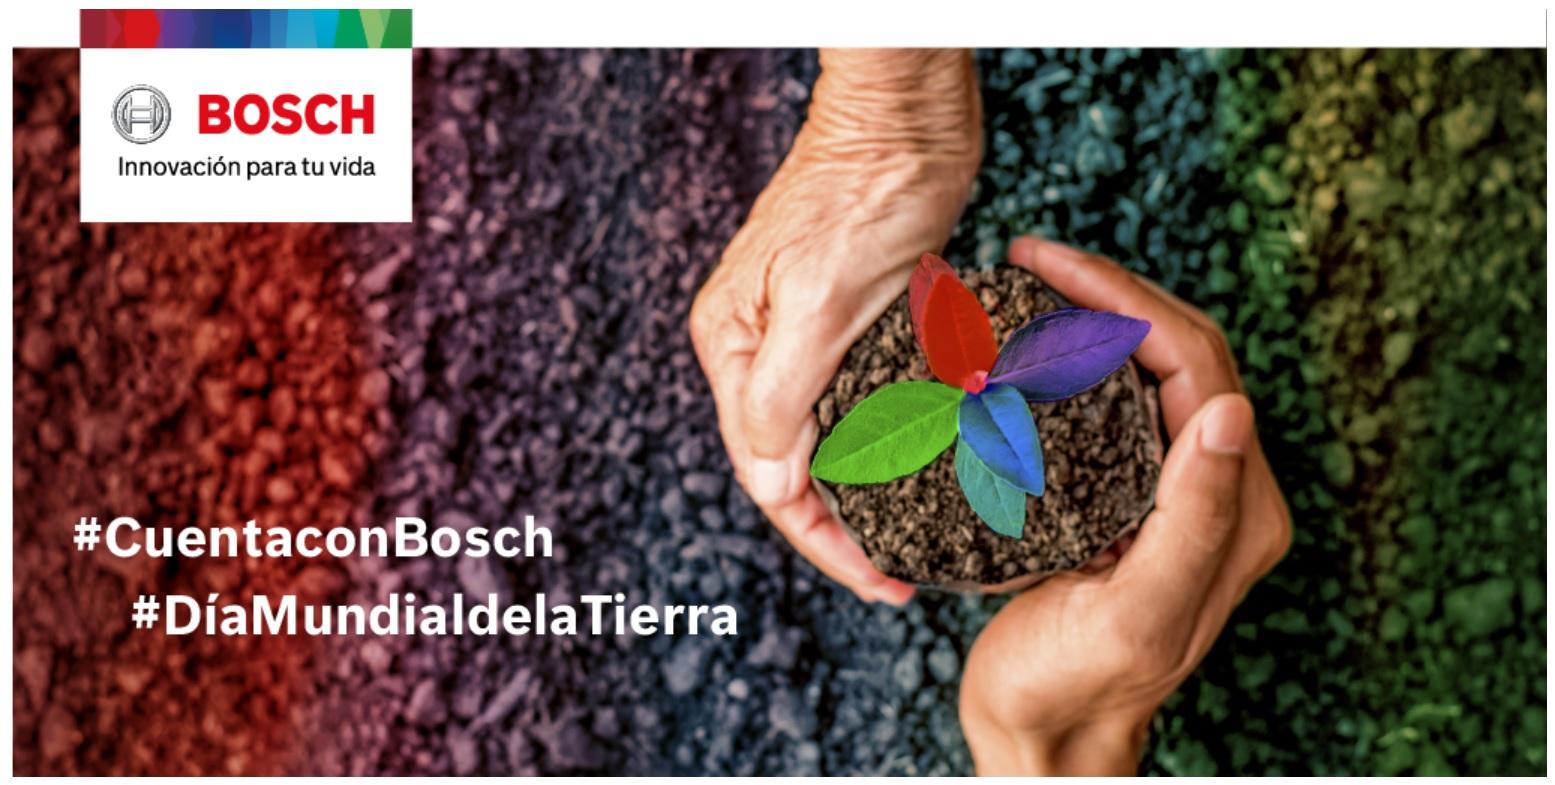 Día de la Tierra: Bosch planta mil árboles para crear un mundo más verde